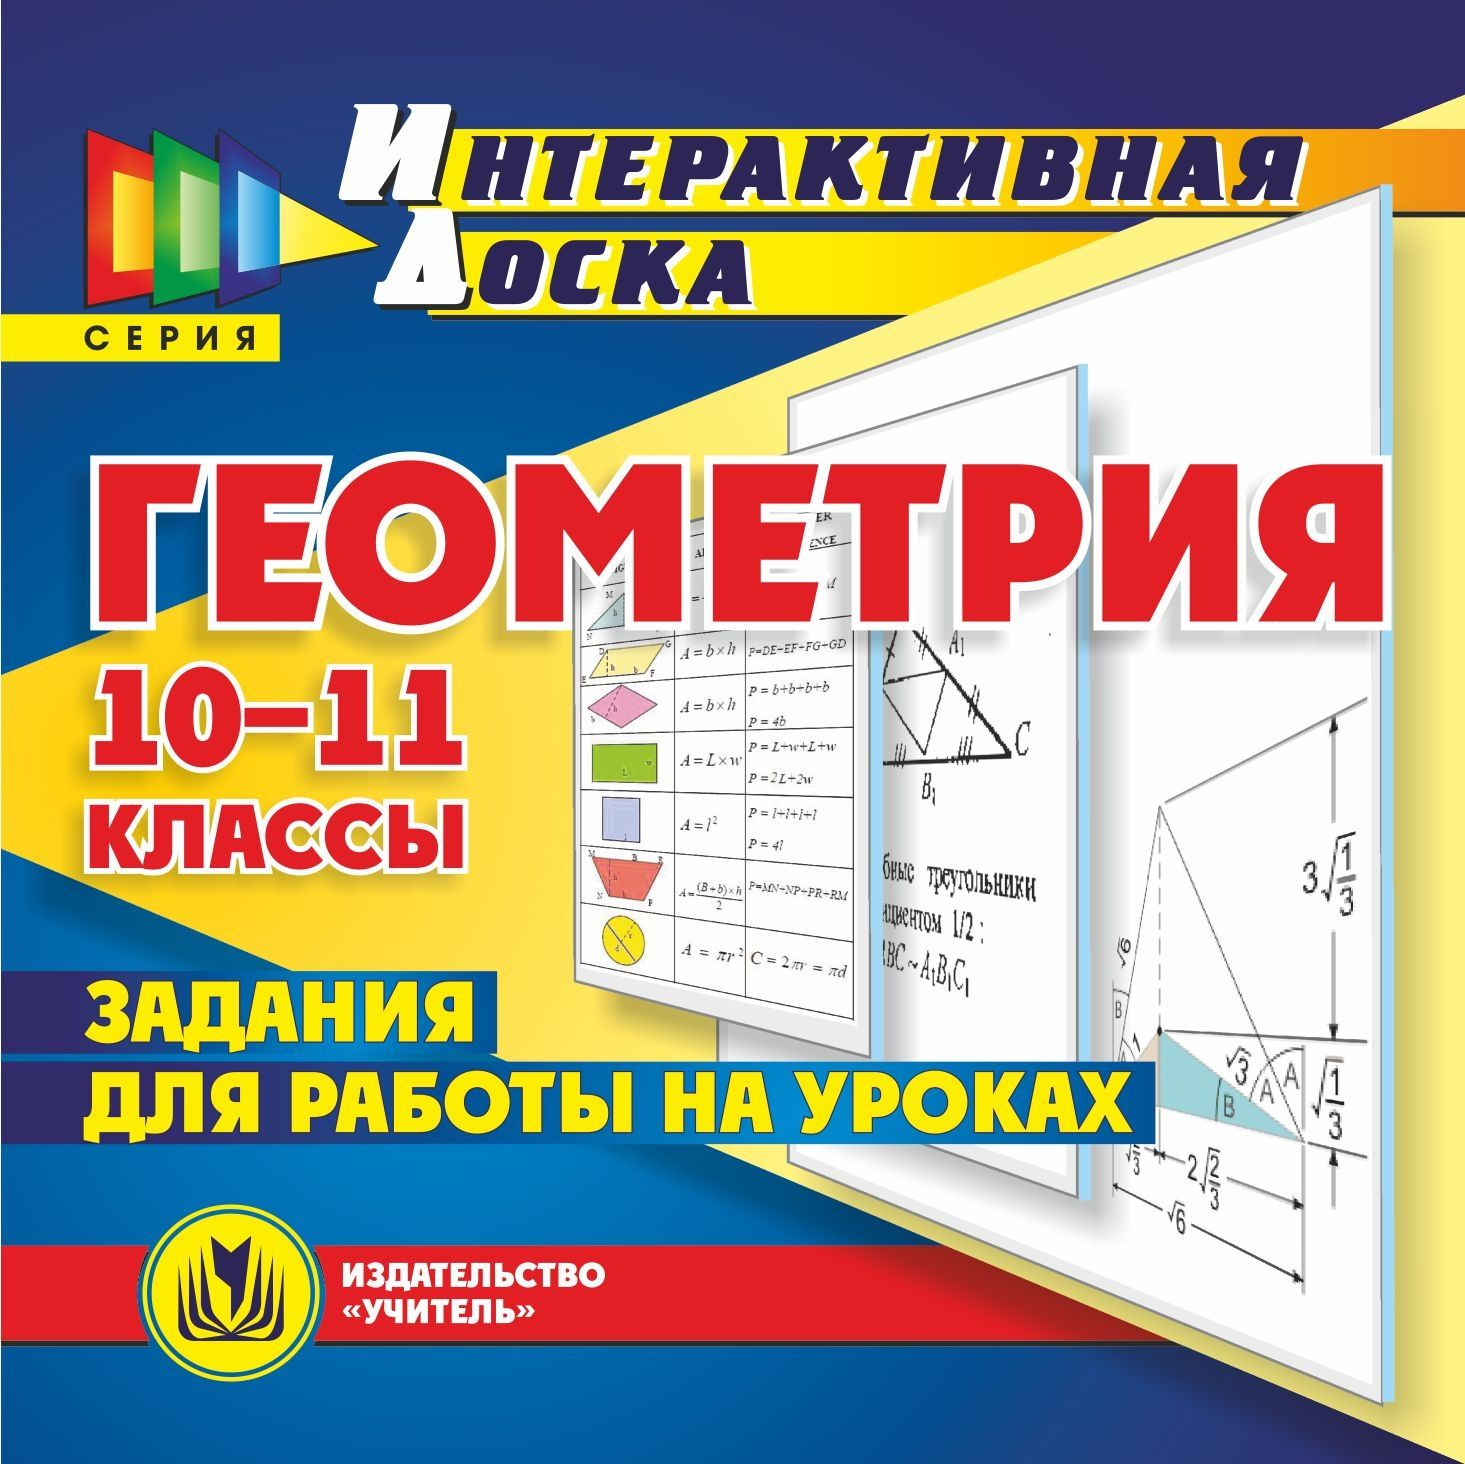 Геометрия. 10-11 классы. Компакт-диск для компьютера: Задания работы на уроках